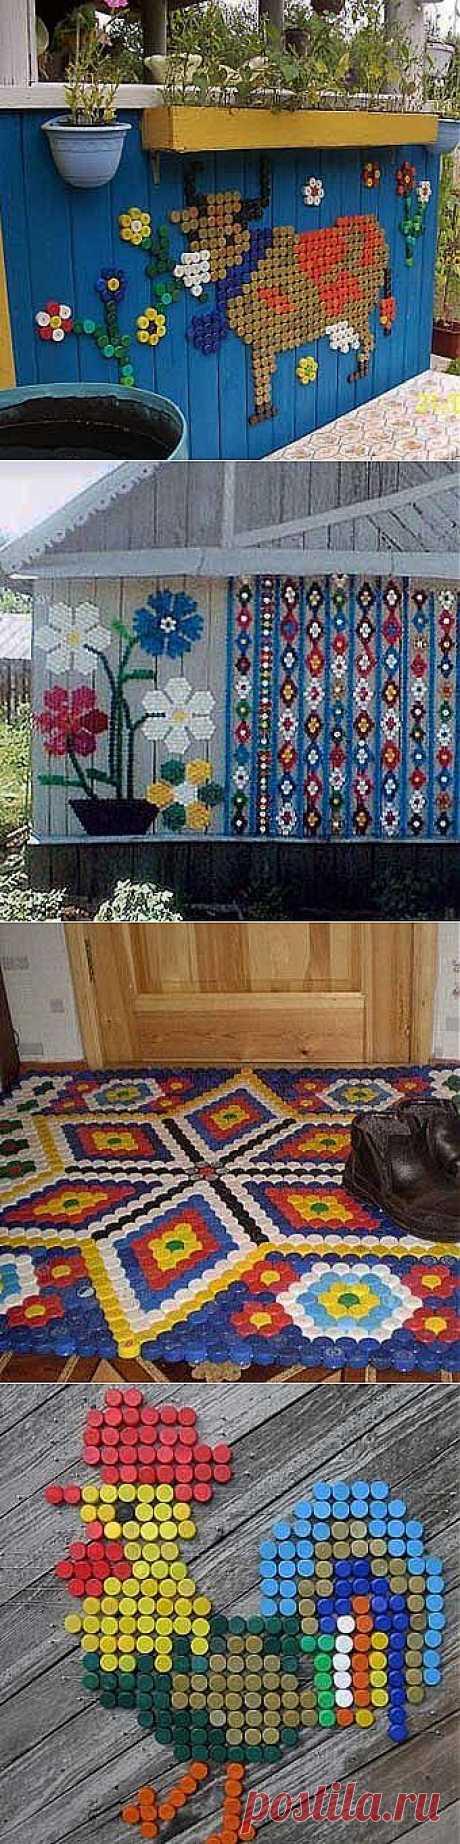 Идеи для дачи своими руками: Мозаика из пластиковых крышек.